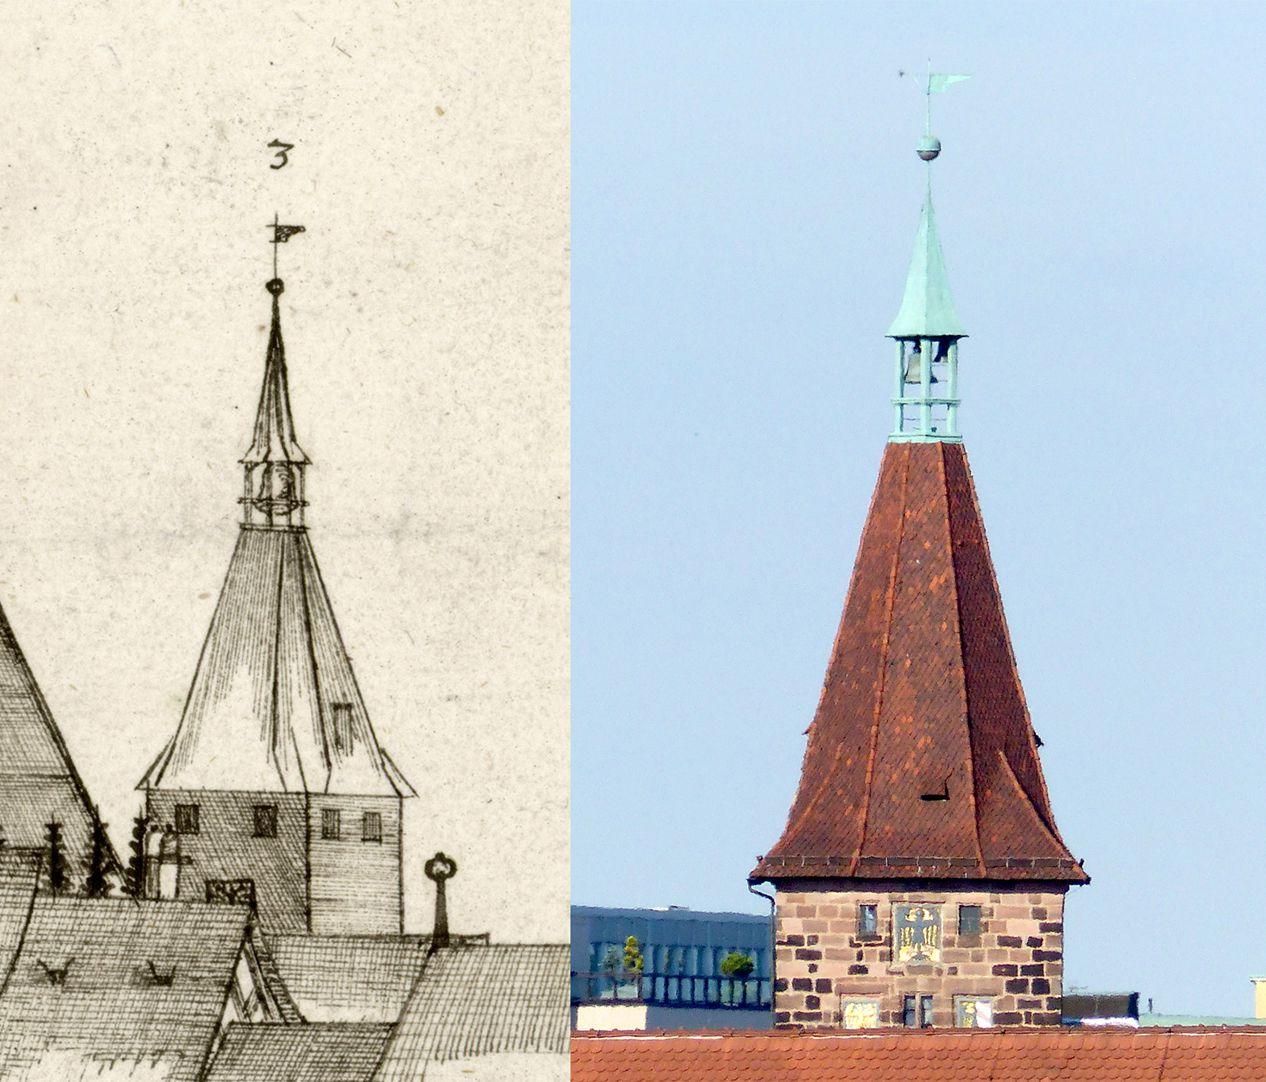 Panoramadarstellung der Stadt Nürnberg von Westen Gegenüberstellung Detail Laufer Schlagturm und heutiger Zustand